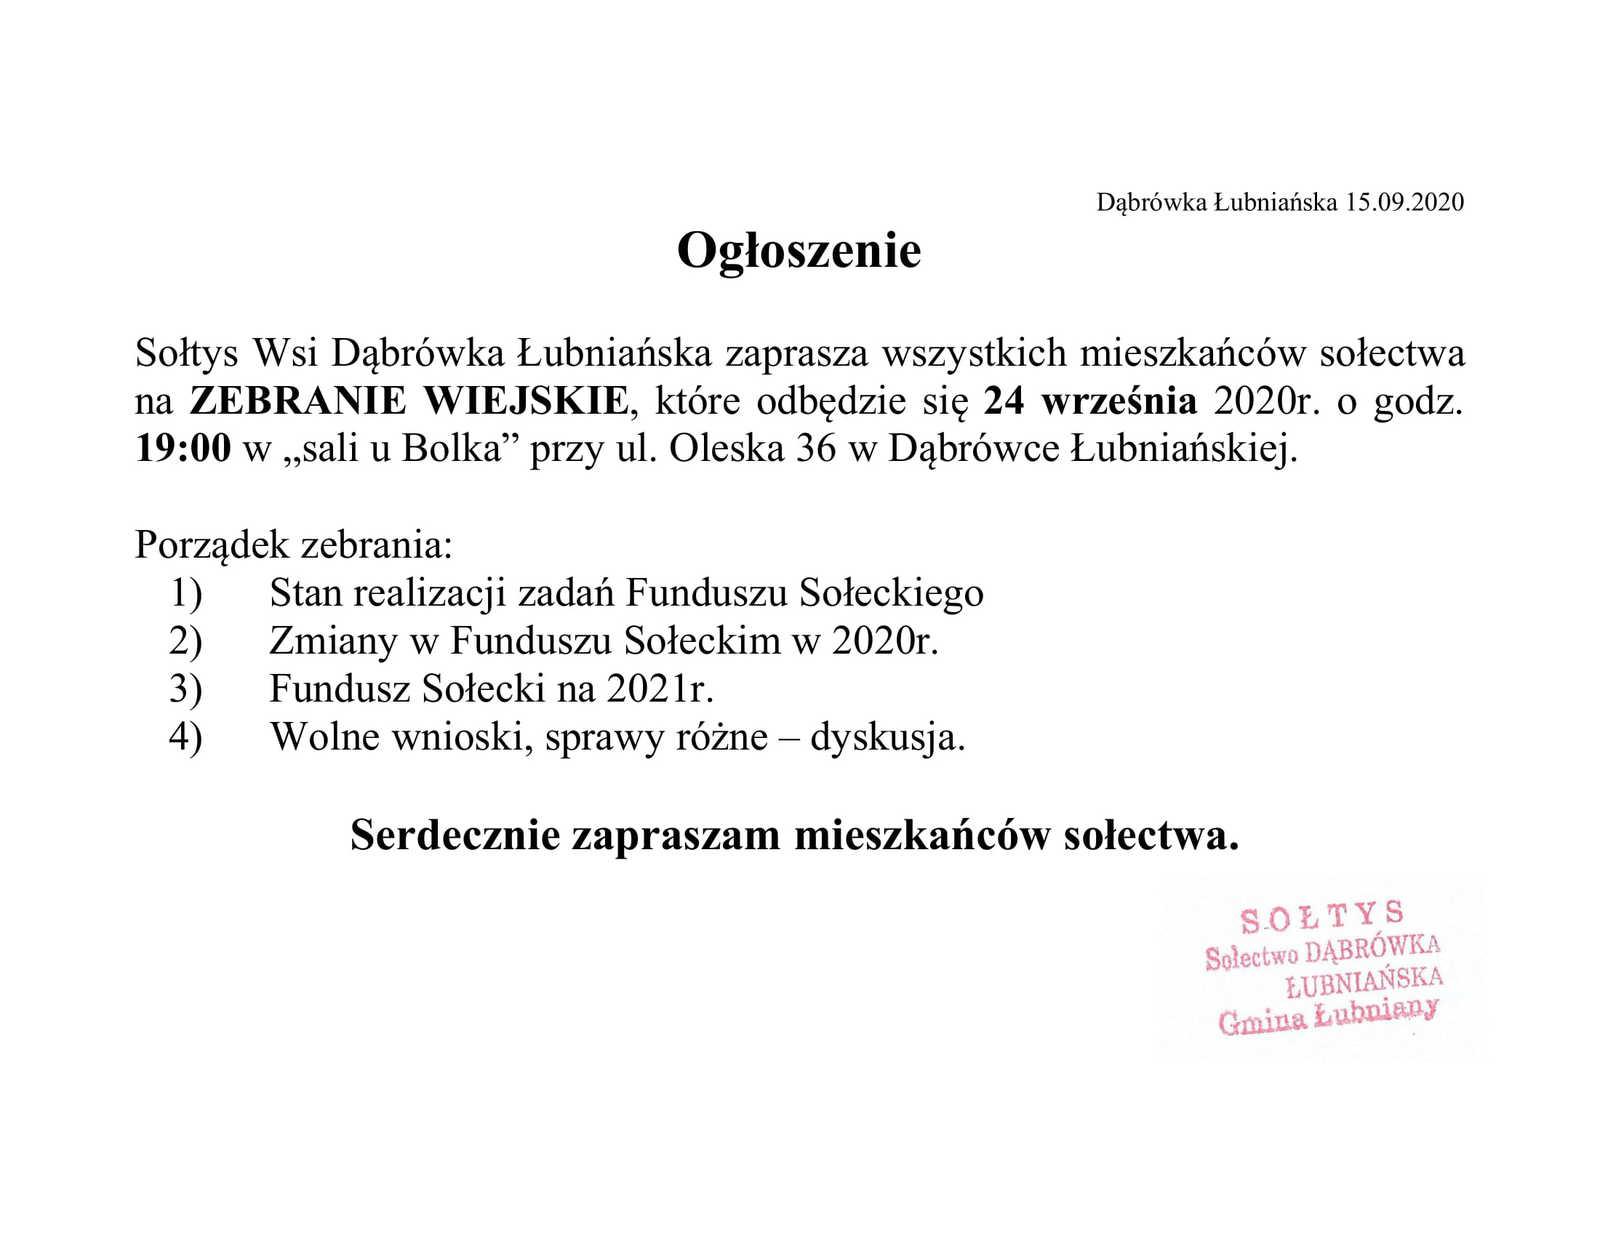 ogłoszenie Dąbrówka Łubniańska.jpeg